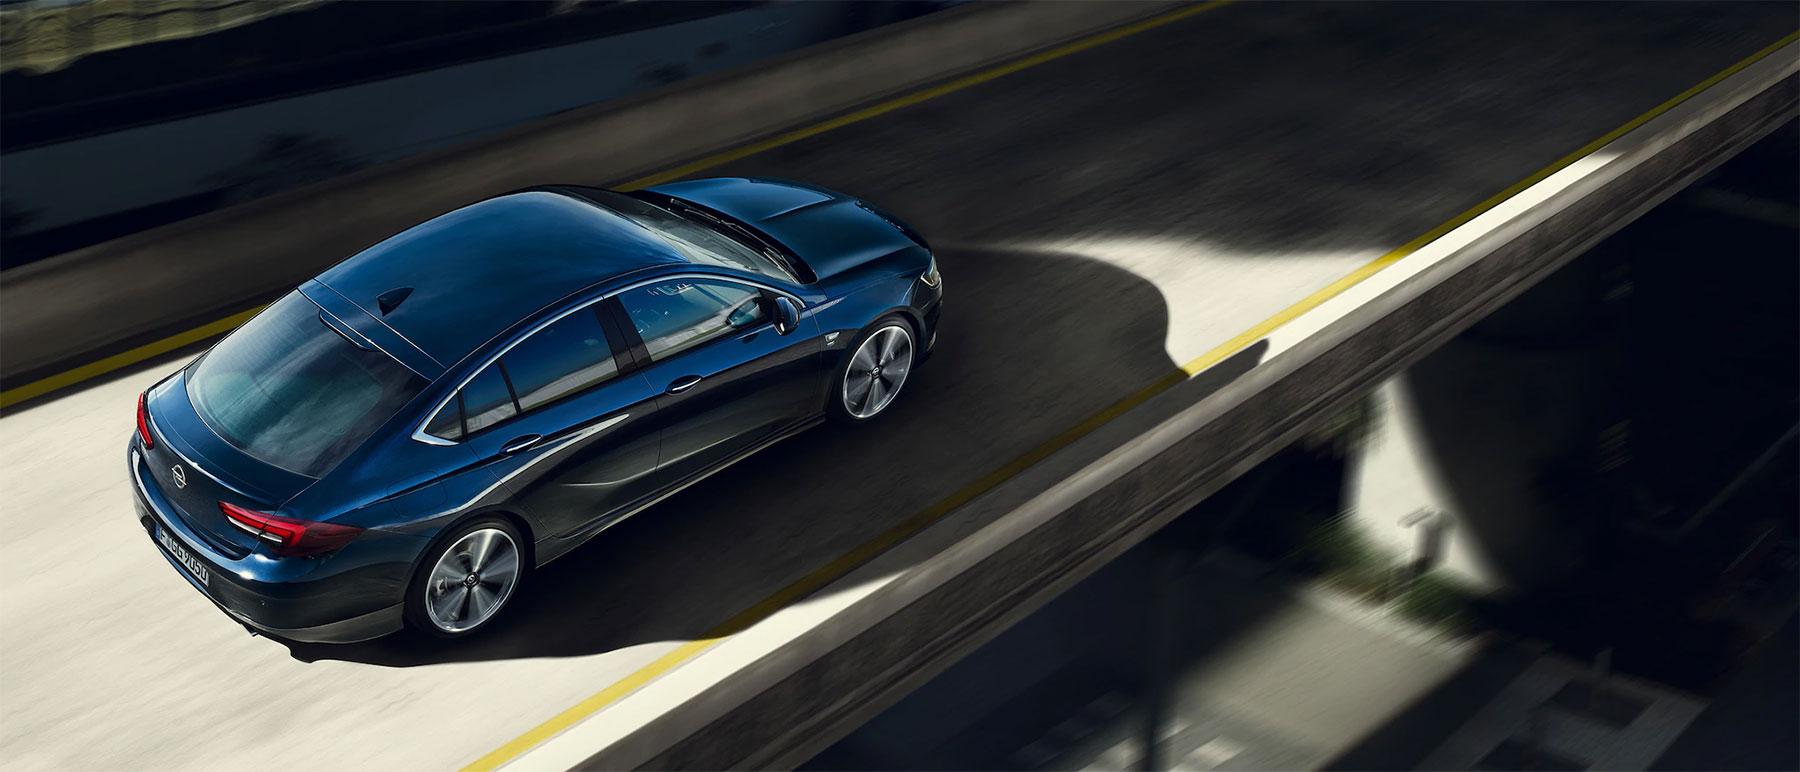 Програма технічної допомоги вдорозі Opel Assistance